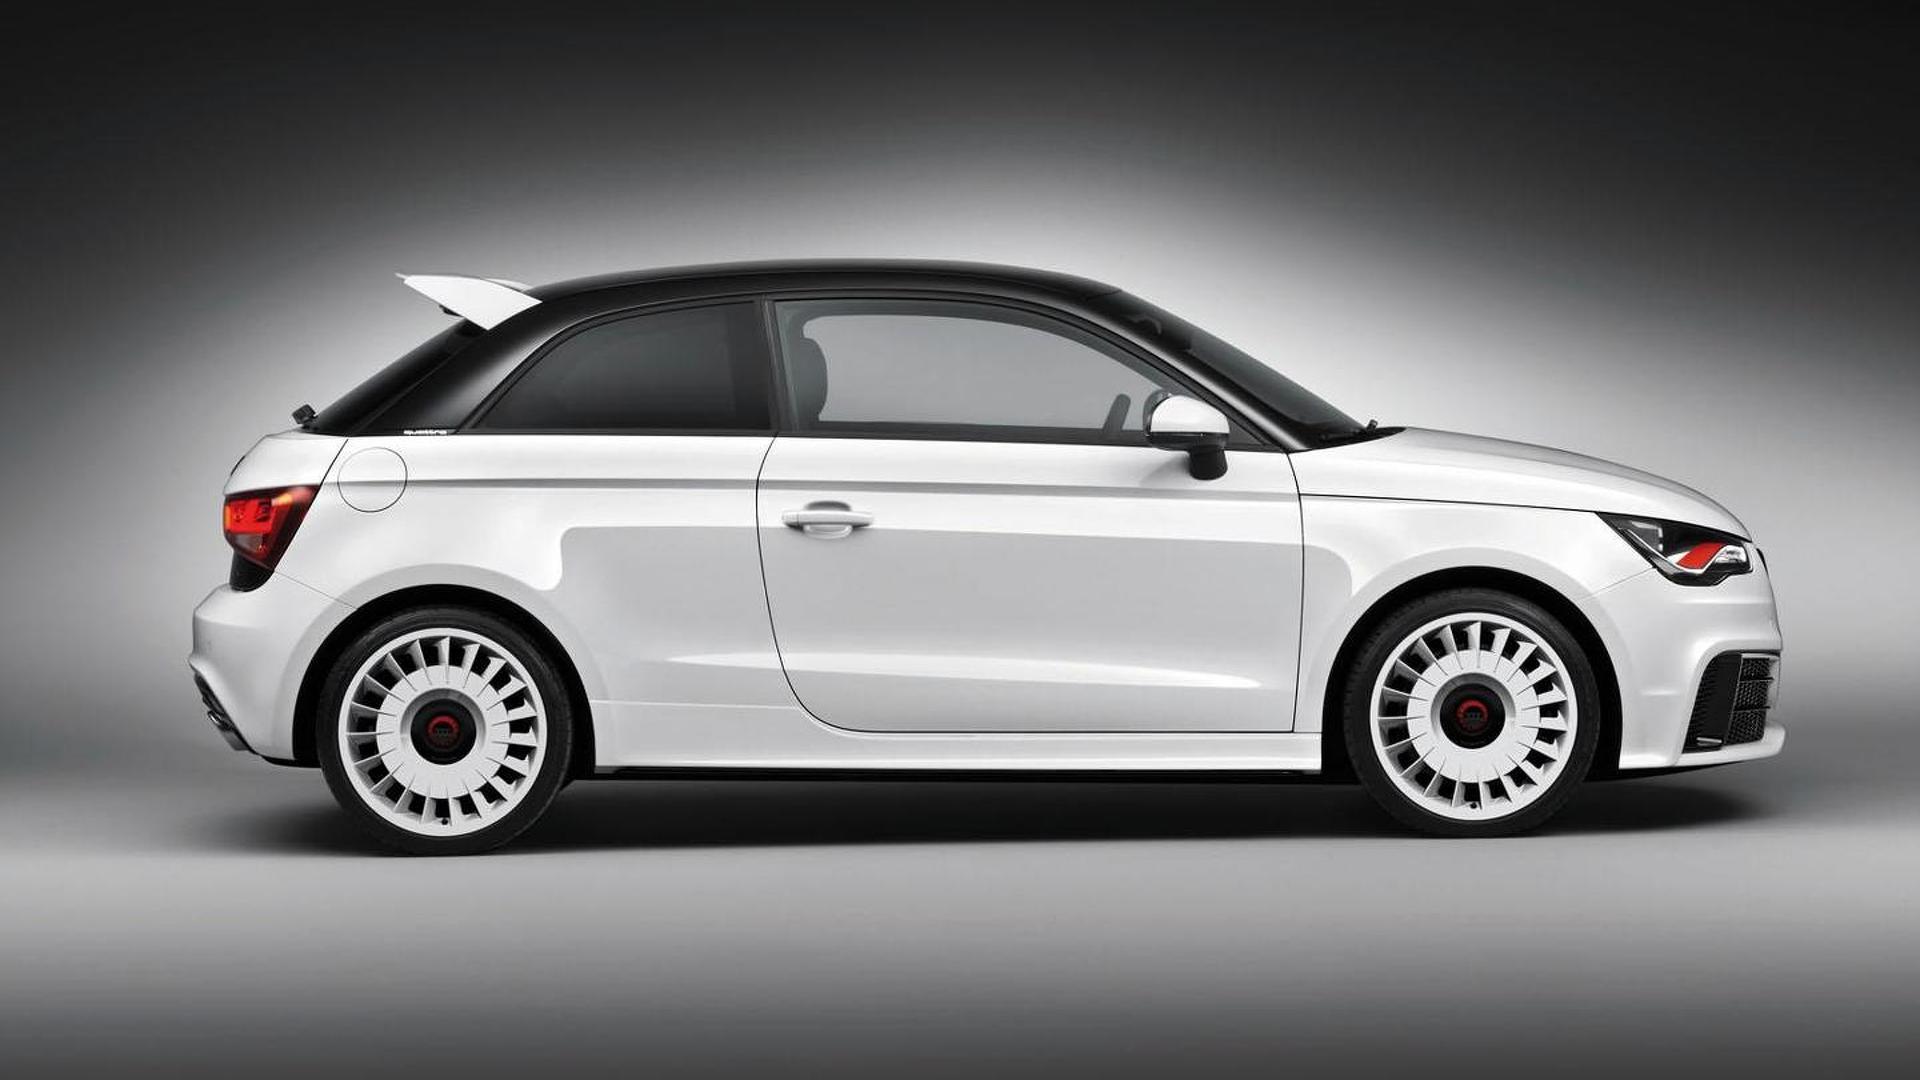 Video Asi Es La Brutal Aceleracion Del Audi A1 Quattro De Mtm Audi S R Rs Audisport Iberica